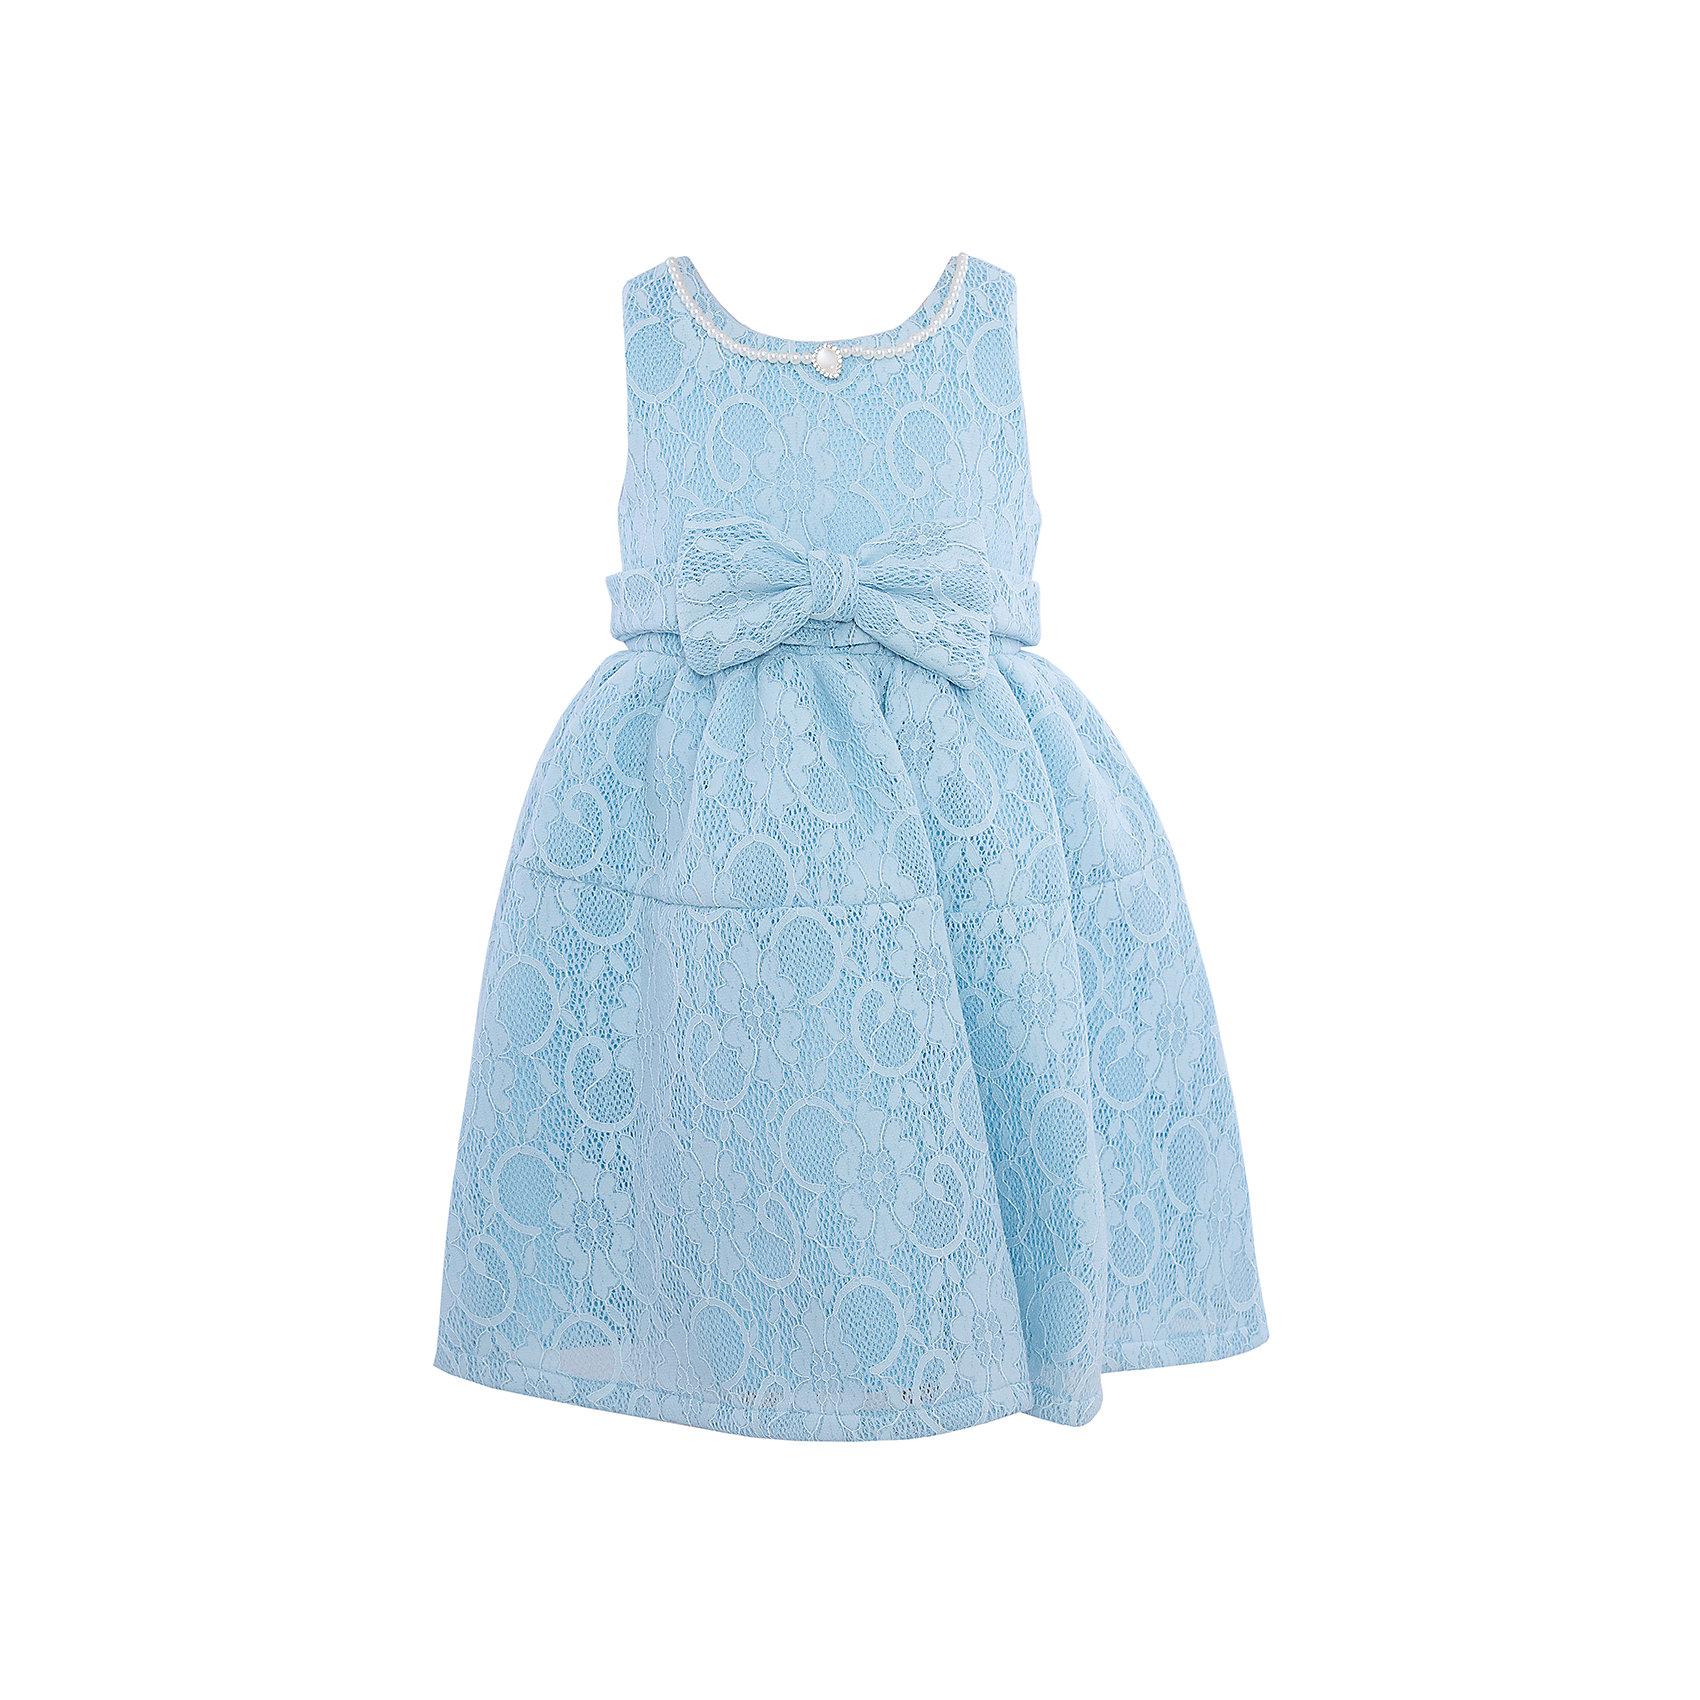 Нарядное платье для девочки Sweet BerryХарактеристики:<br><br>• Вид одежды: платье<br>• Предназначение: для праздника, торжеств<br>• Сезон: круглый год<br>• Материал: верх – 100% полиэстер; подкладка – 100% хлопок<br>• Цвет: голубой<br>• Силуэт: классический А-силуэт<br>• Длина платья: миди<br>• Вырез горловины: круглый<br>• Горловина декорирована бусинами и кулоном<br>• Наличие объемного пояса с декоративным бантом<br>• Застежка: молния на спинке<br>• Особенности ухода: ручная стирка без применения отбеливающих средств, глажение при низкой температуре <br><br>Sweet Berry – это производитель, который сочетает в своей одежде функциональность, качество, стиль и следование современным мировым тенденциям в детской текстильной индустрии. <br>Платье для девочки от знаменитого производителя детской одежды Sweet Berry выполнено из полиэстера с хлопковым подкладкой. Изделие имеет классический силуэт с отрезной талией и отрезной кокеткой у пышной юбки. Пышность юбке придает атласный подклад и подъюбник из сетки. Изделие выполнено из кружевной ткани нежно-голубого цвета, декорировано объемным поясом с декоративным бантом. Горловина оформлена бусинами в форме жемчужин и кулоном в форме капли. Праздничное платье от Sweet Berry – это залог успеха вашего ребенка на любом торжестве!<br><br>Платье для девочки Sweet Berry можно купить в нашем интернет-магазине.<br><br>Ширина мм: 236<br>Глубина мм: 16<br>Высота мм: 184<br>Вес г: 177<br>Цвет: голубой<br>Возраст от месяцев: 36<br>Возраст до месяцев: 48<br>Пол: Женский<br>Возраст: Детский<br>Размер: 104,98,110,116,122,128<br>SKU: 5052077